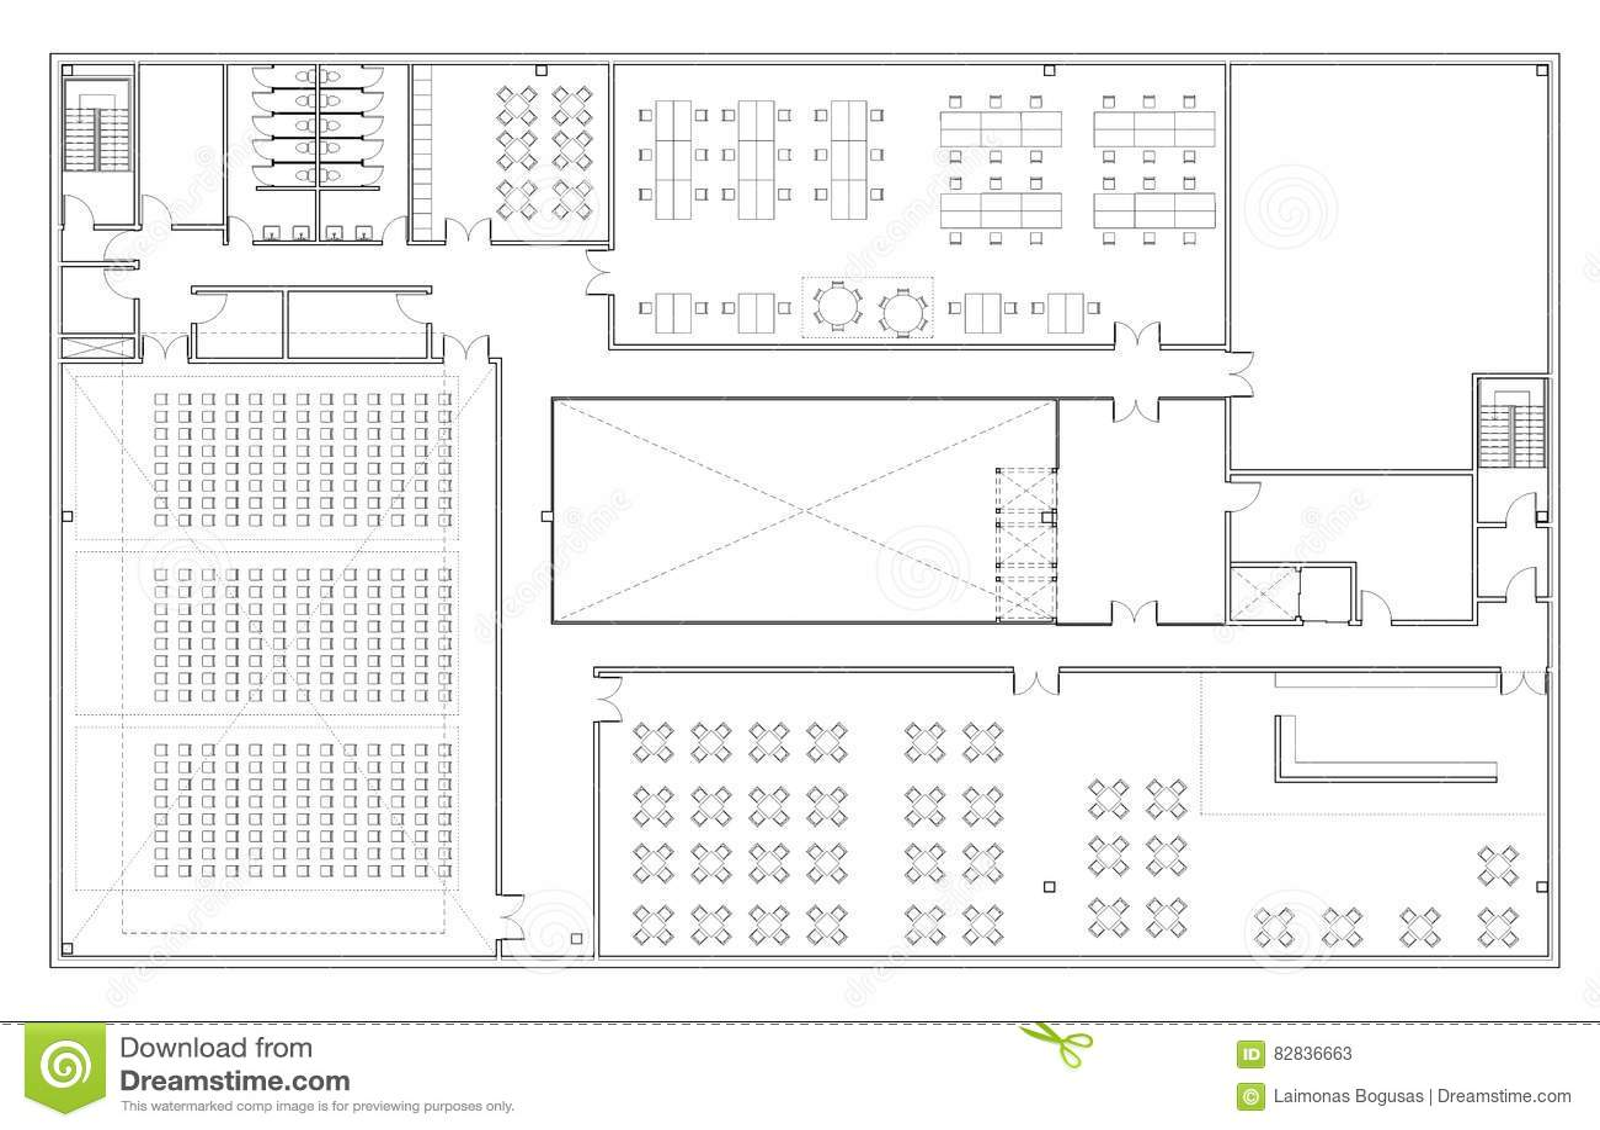 Plan d 39 tage de l 39 immeuble de bureaux illustration stock for Immeuble bureau plan